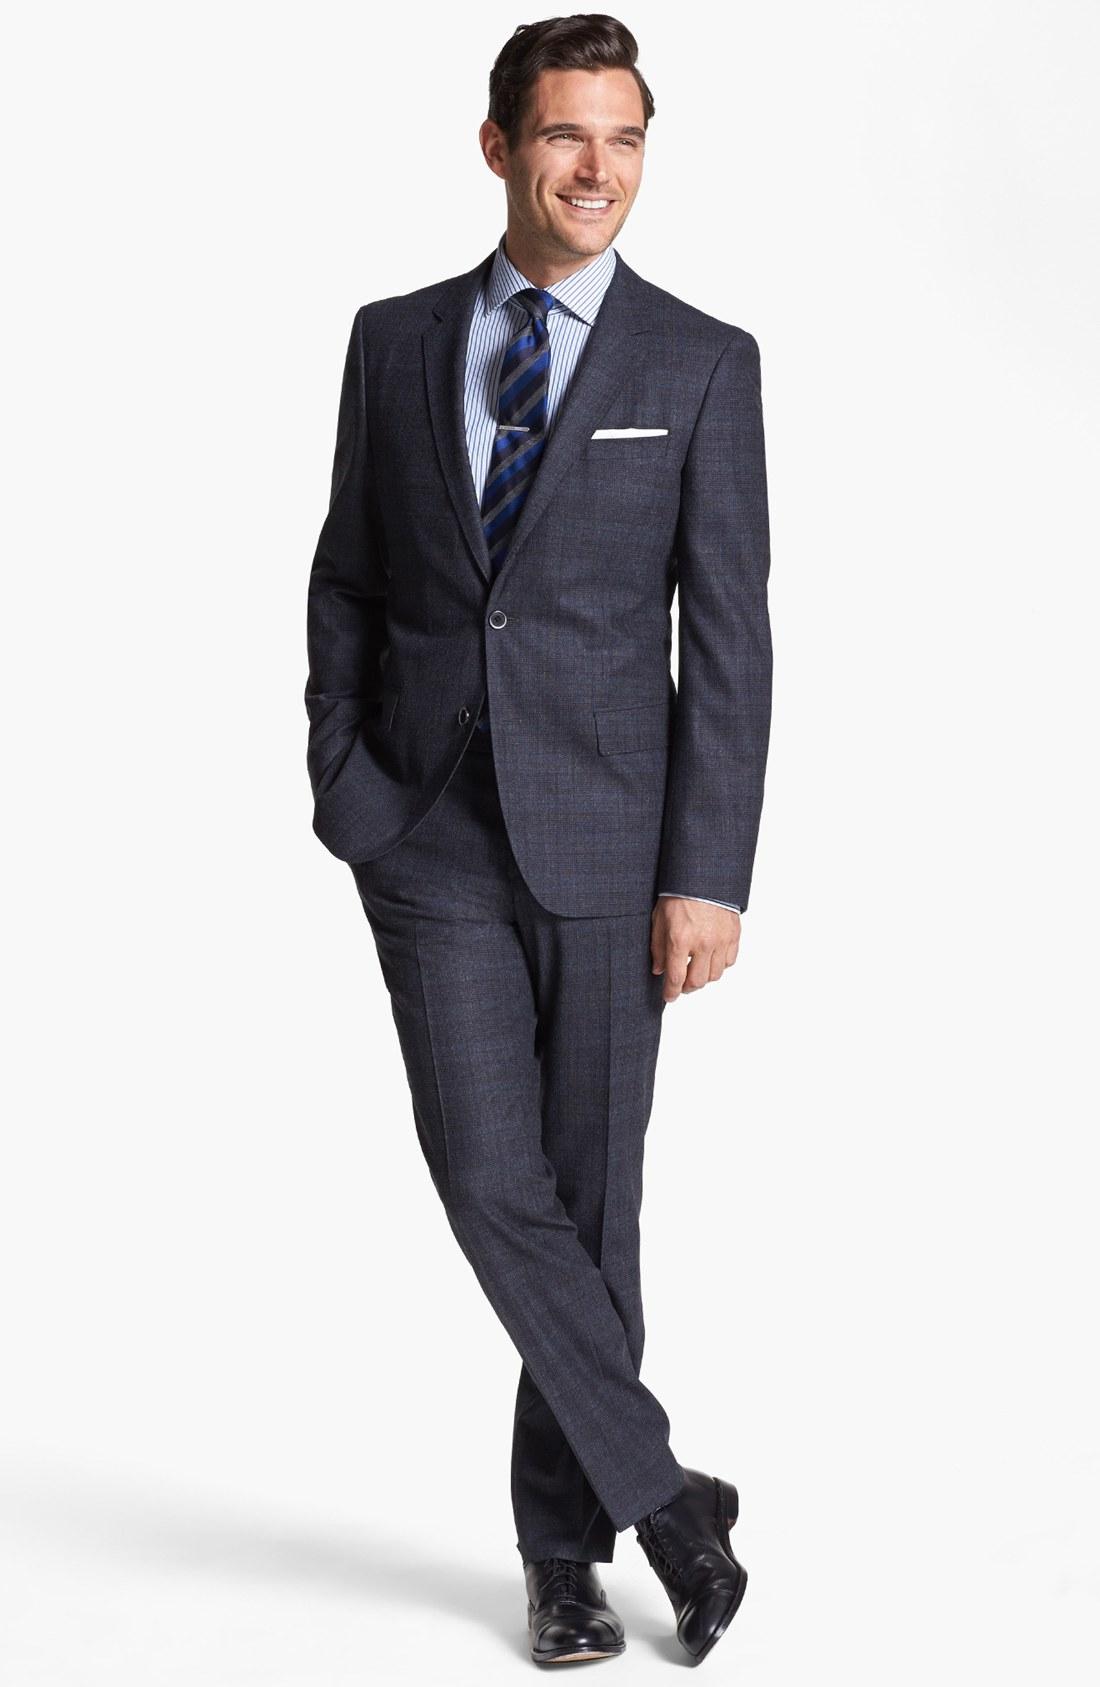 suits 2 suits black suits models picture